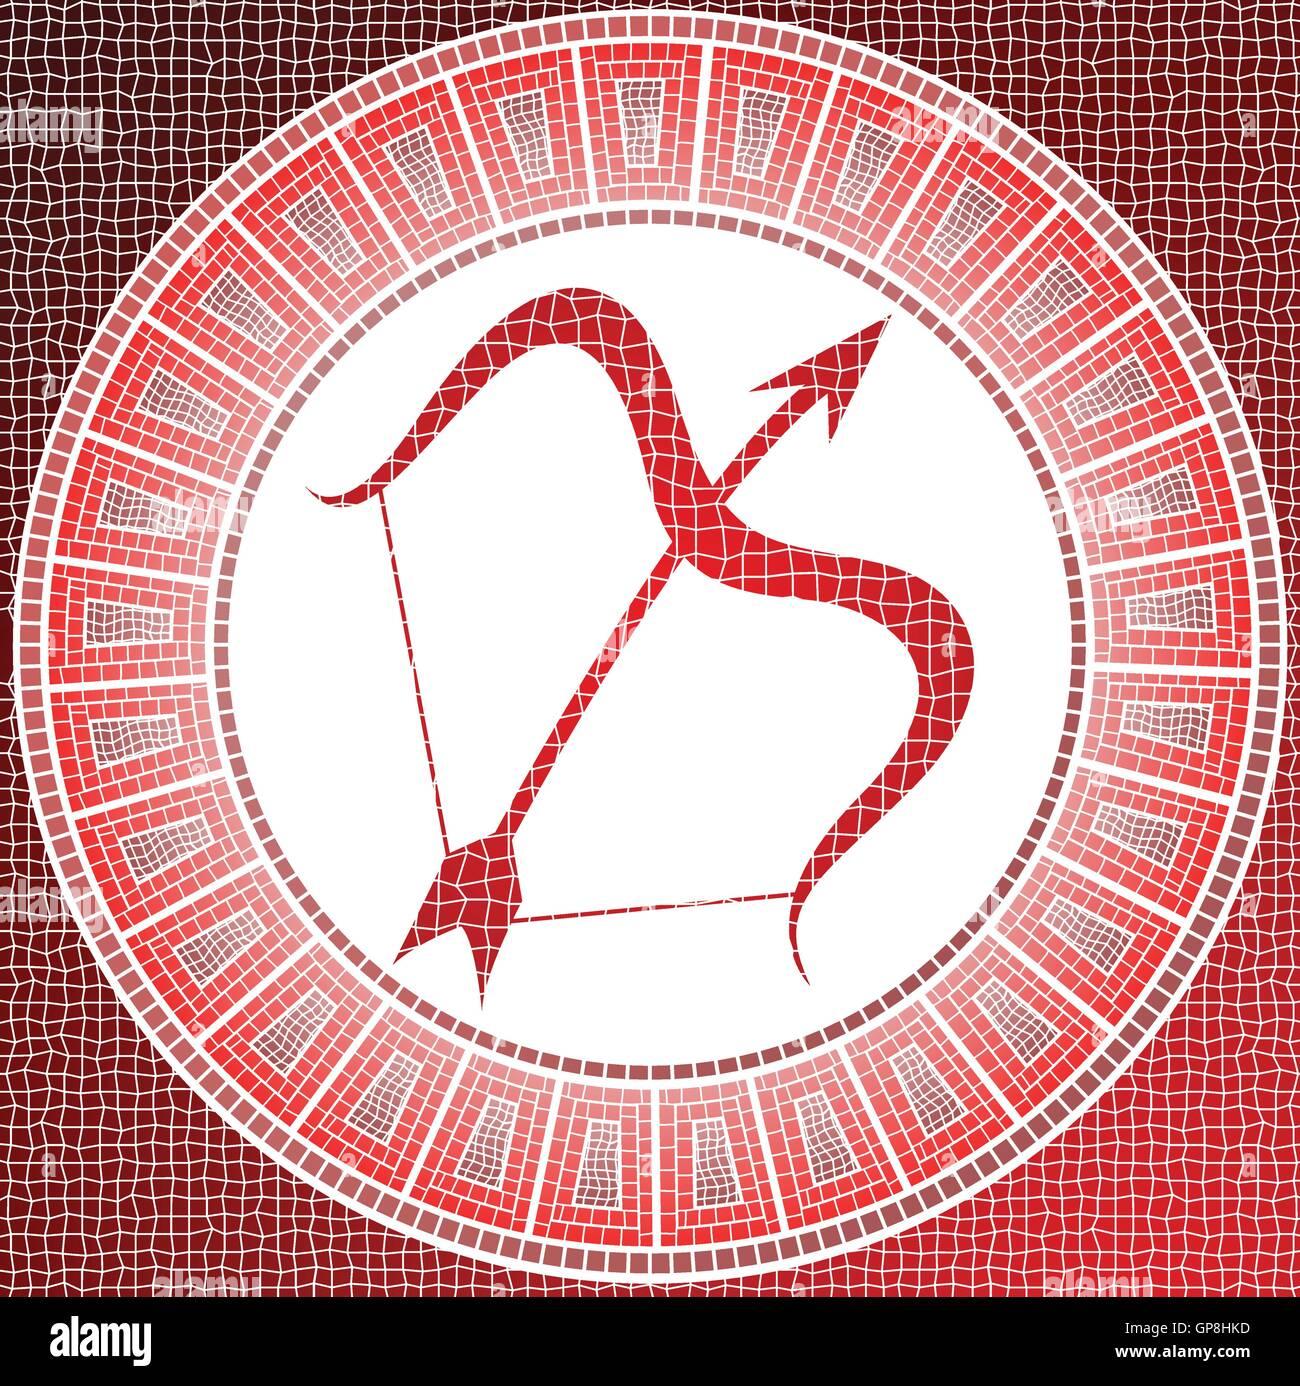 sagittarius zodiac element - HD1300×1296